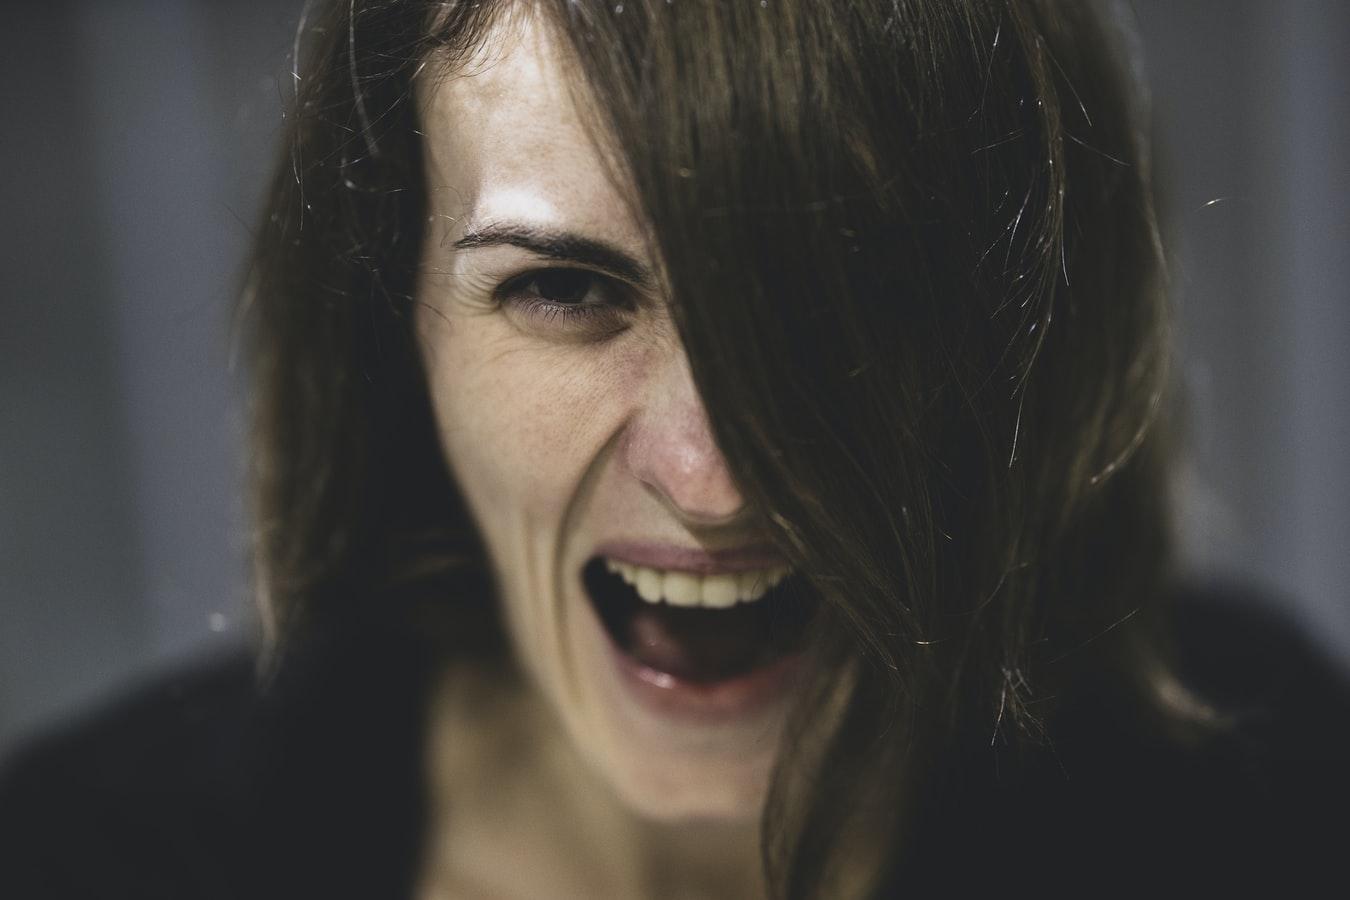 Ψυχικό τραύμα: Πόσο καιρό θα βιώνω αυτή την κατάσταση;